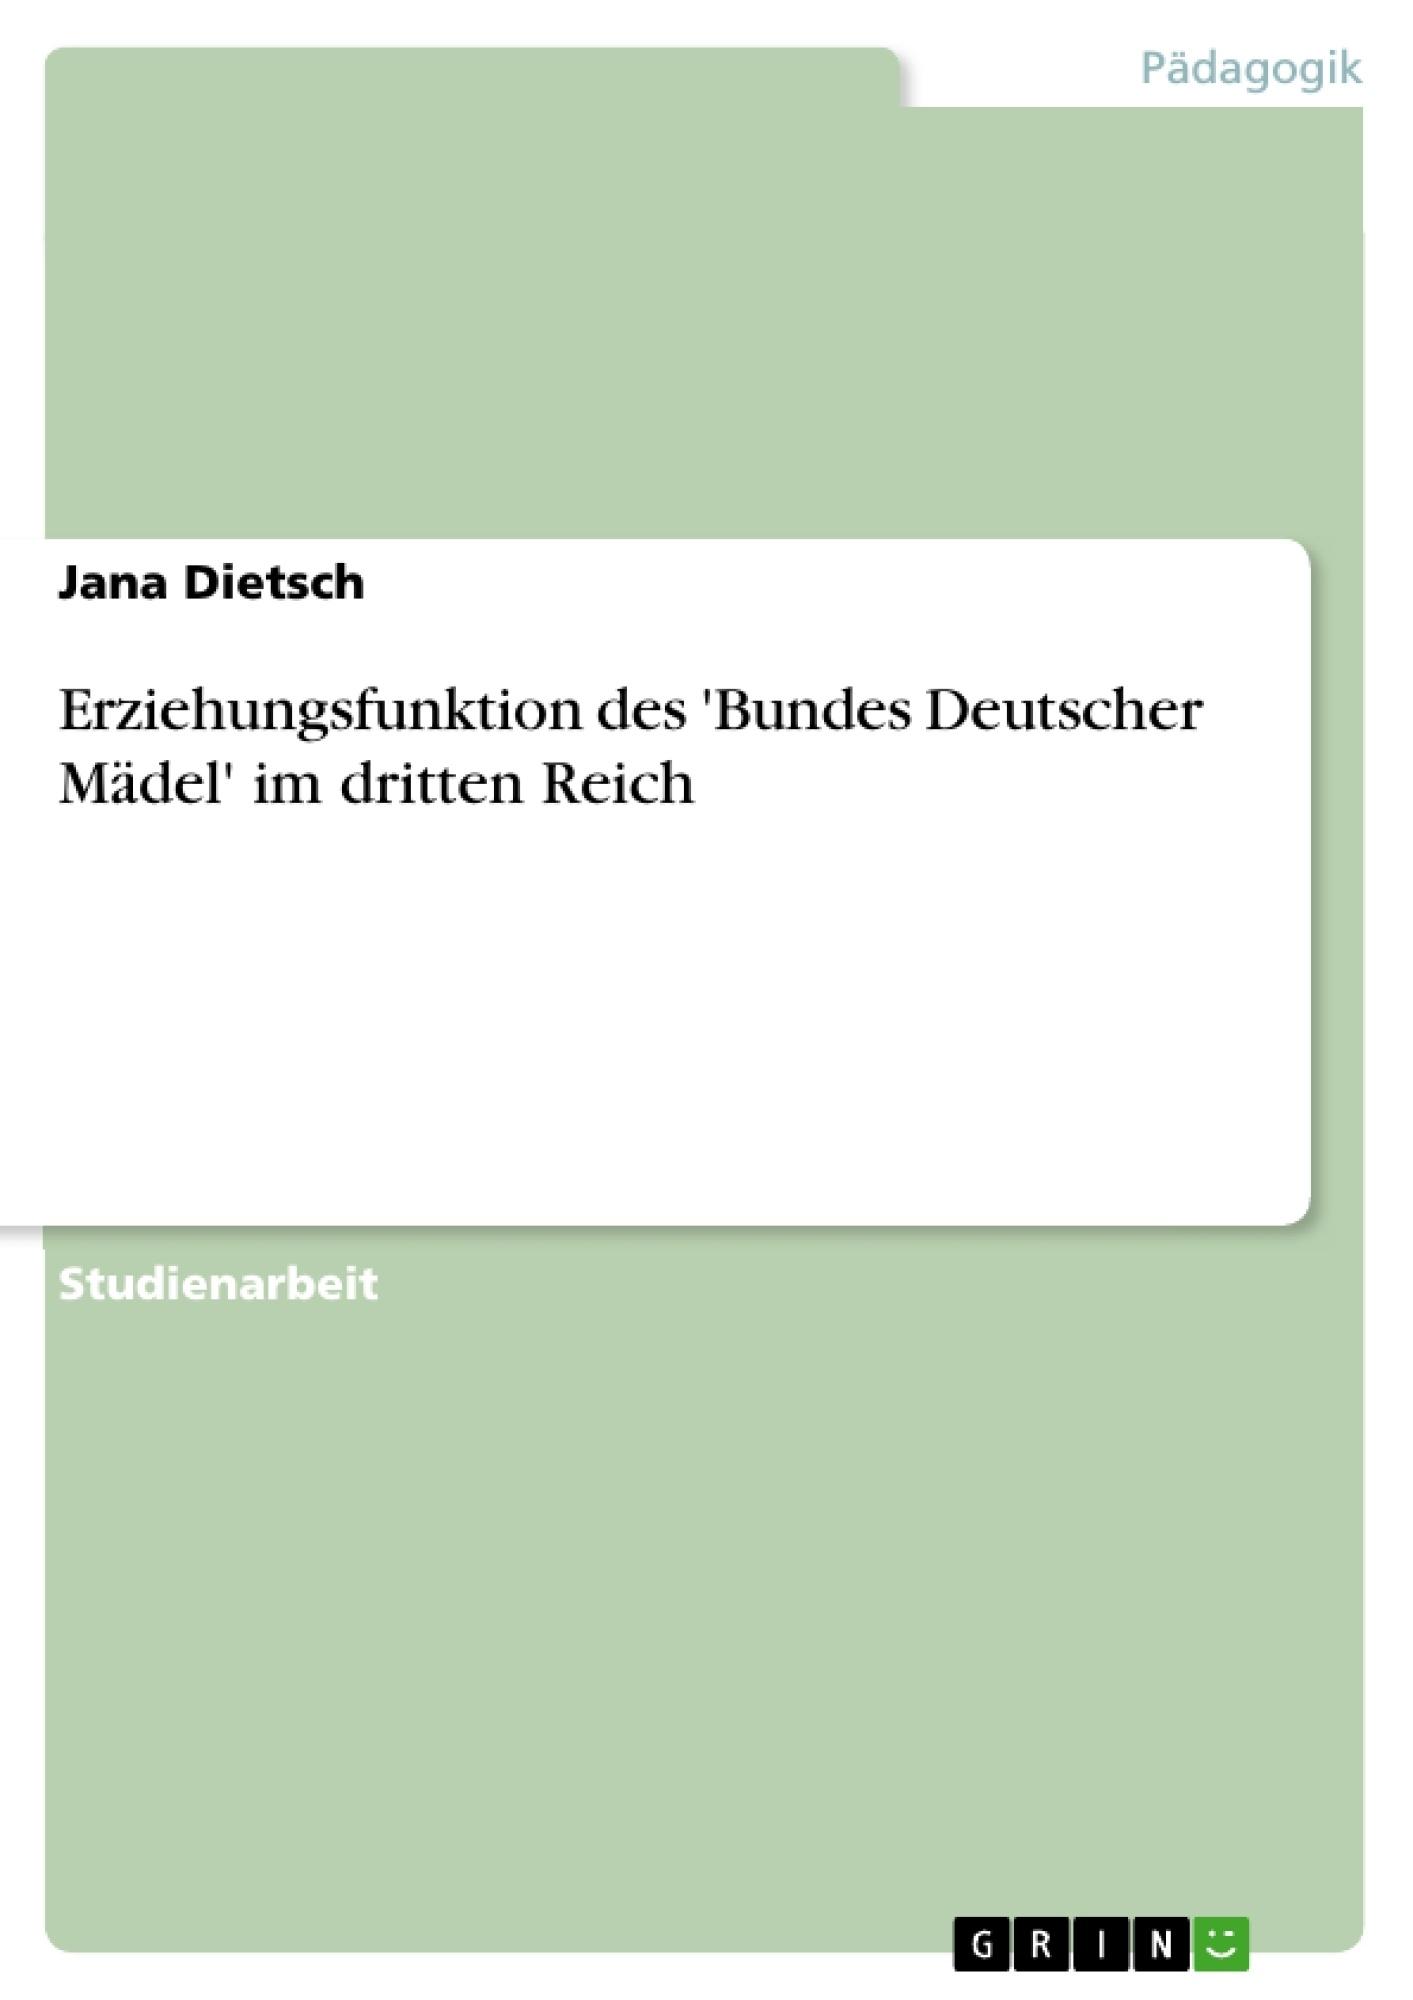 Titel: Erziehungsfunktion des 'Bundes Deutscher Mädel' im dritten Reich